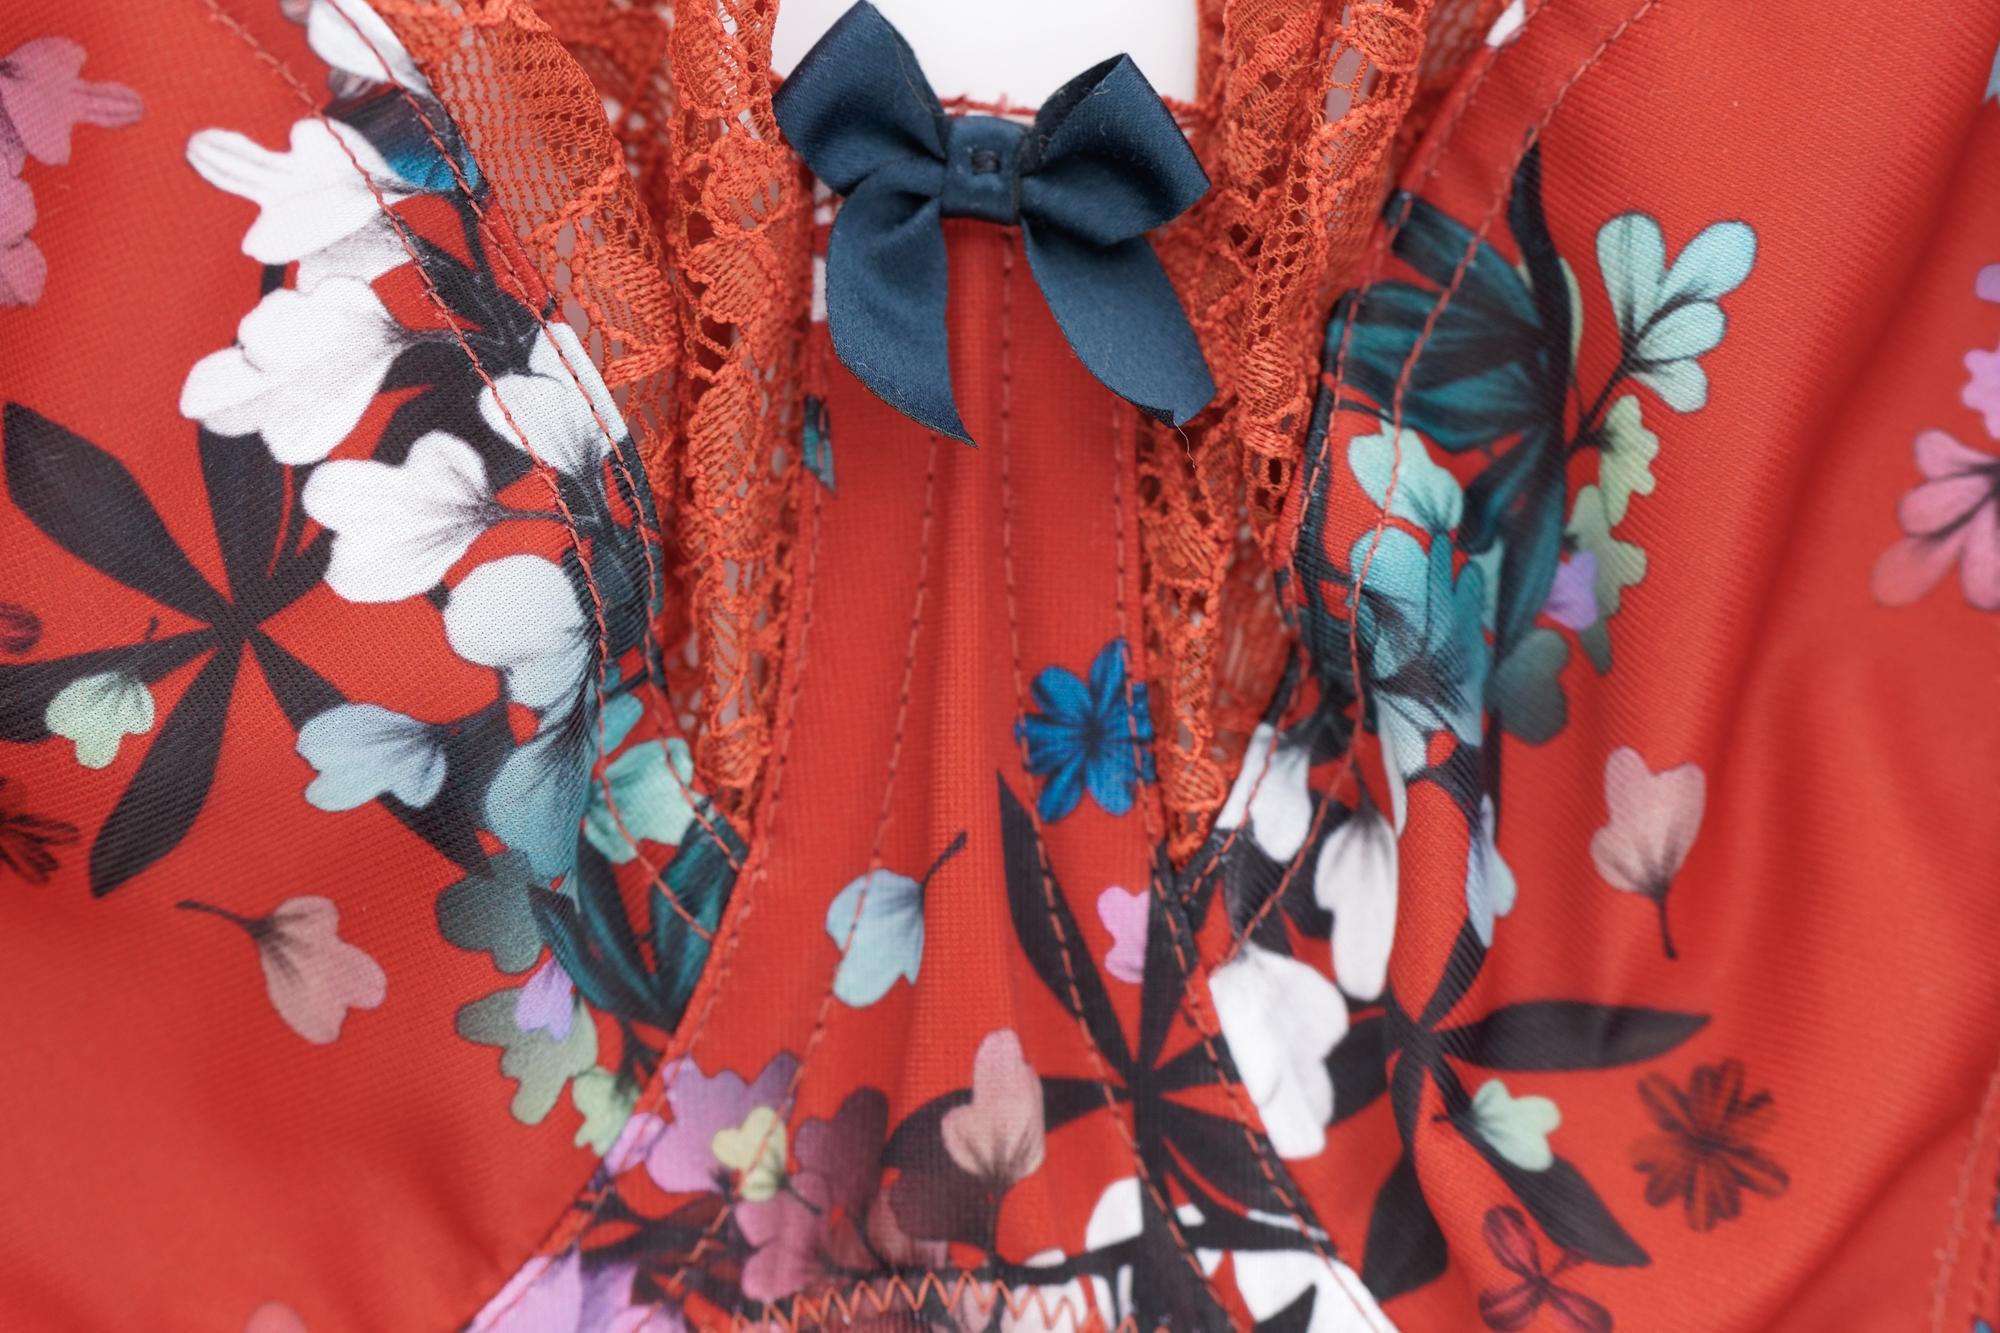 Biustonosz Chi Chi marki Sculptresse w wersji red floral (czerwony w kwiaty) - zbliżenie na mostek i kokardkę